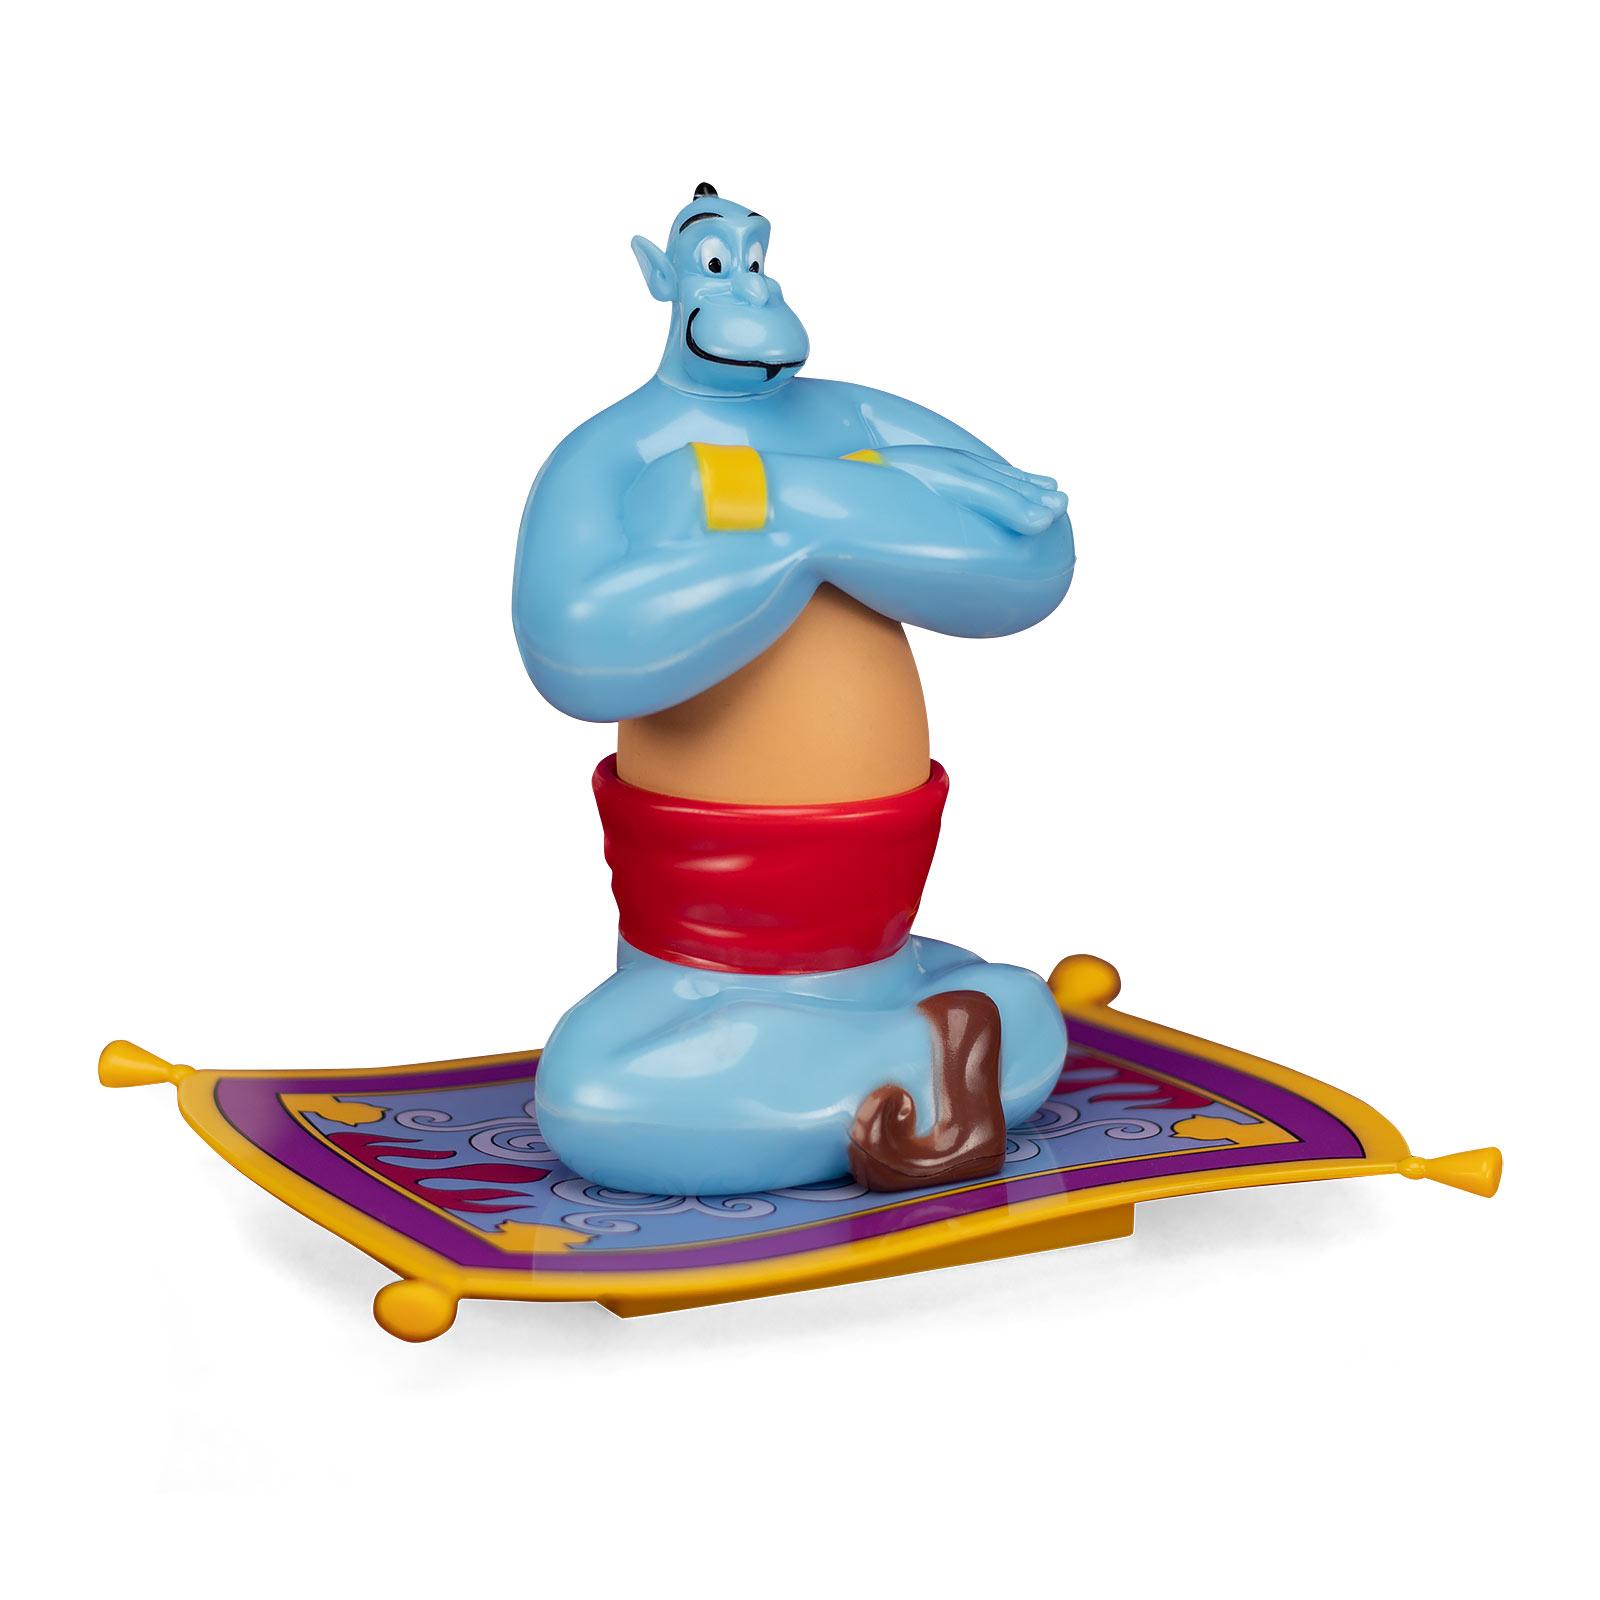 Aladdin - Dschinni auf fliegendem Teppich Eierbecher